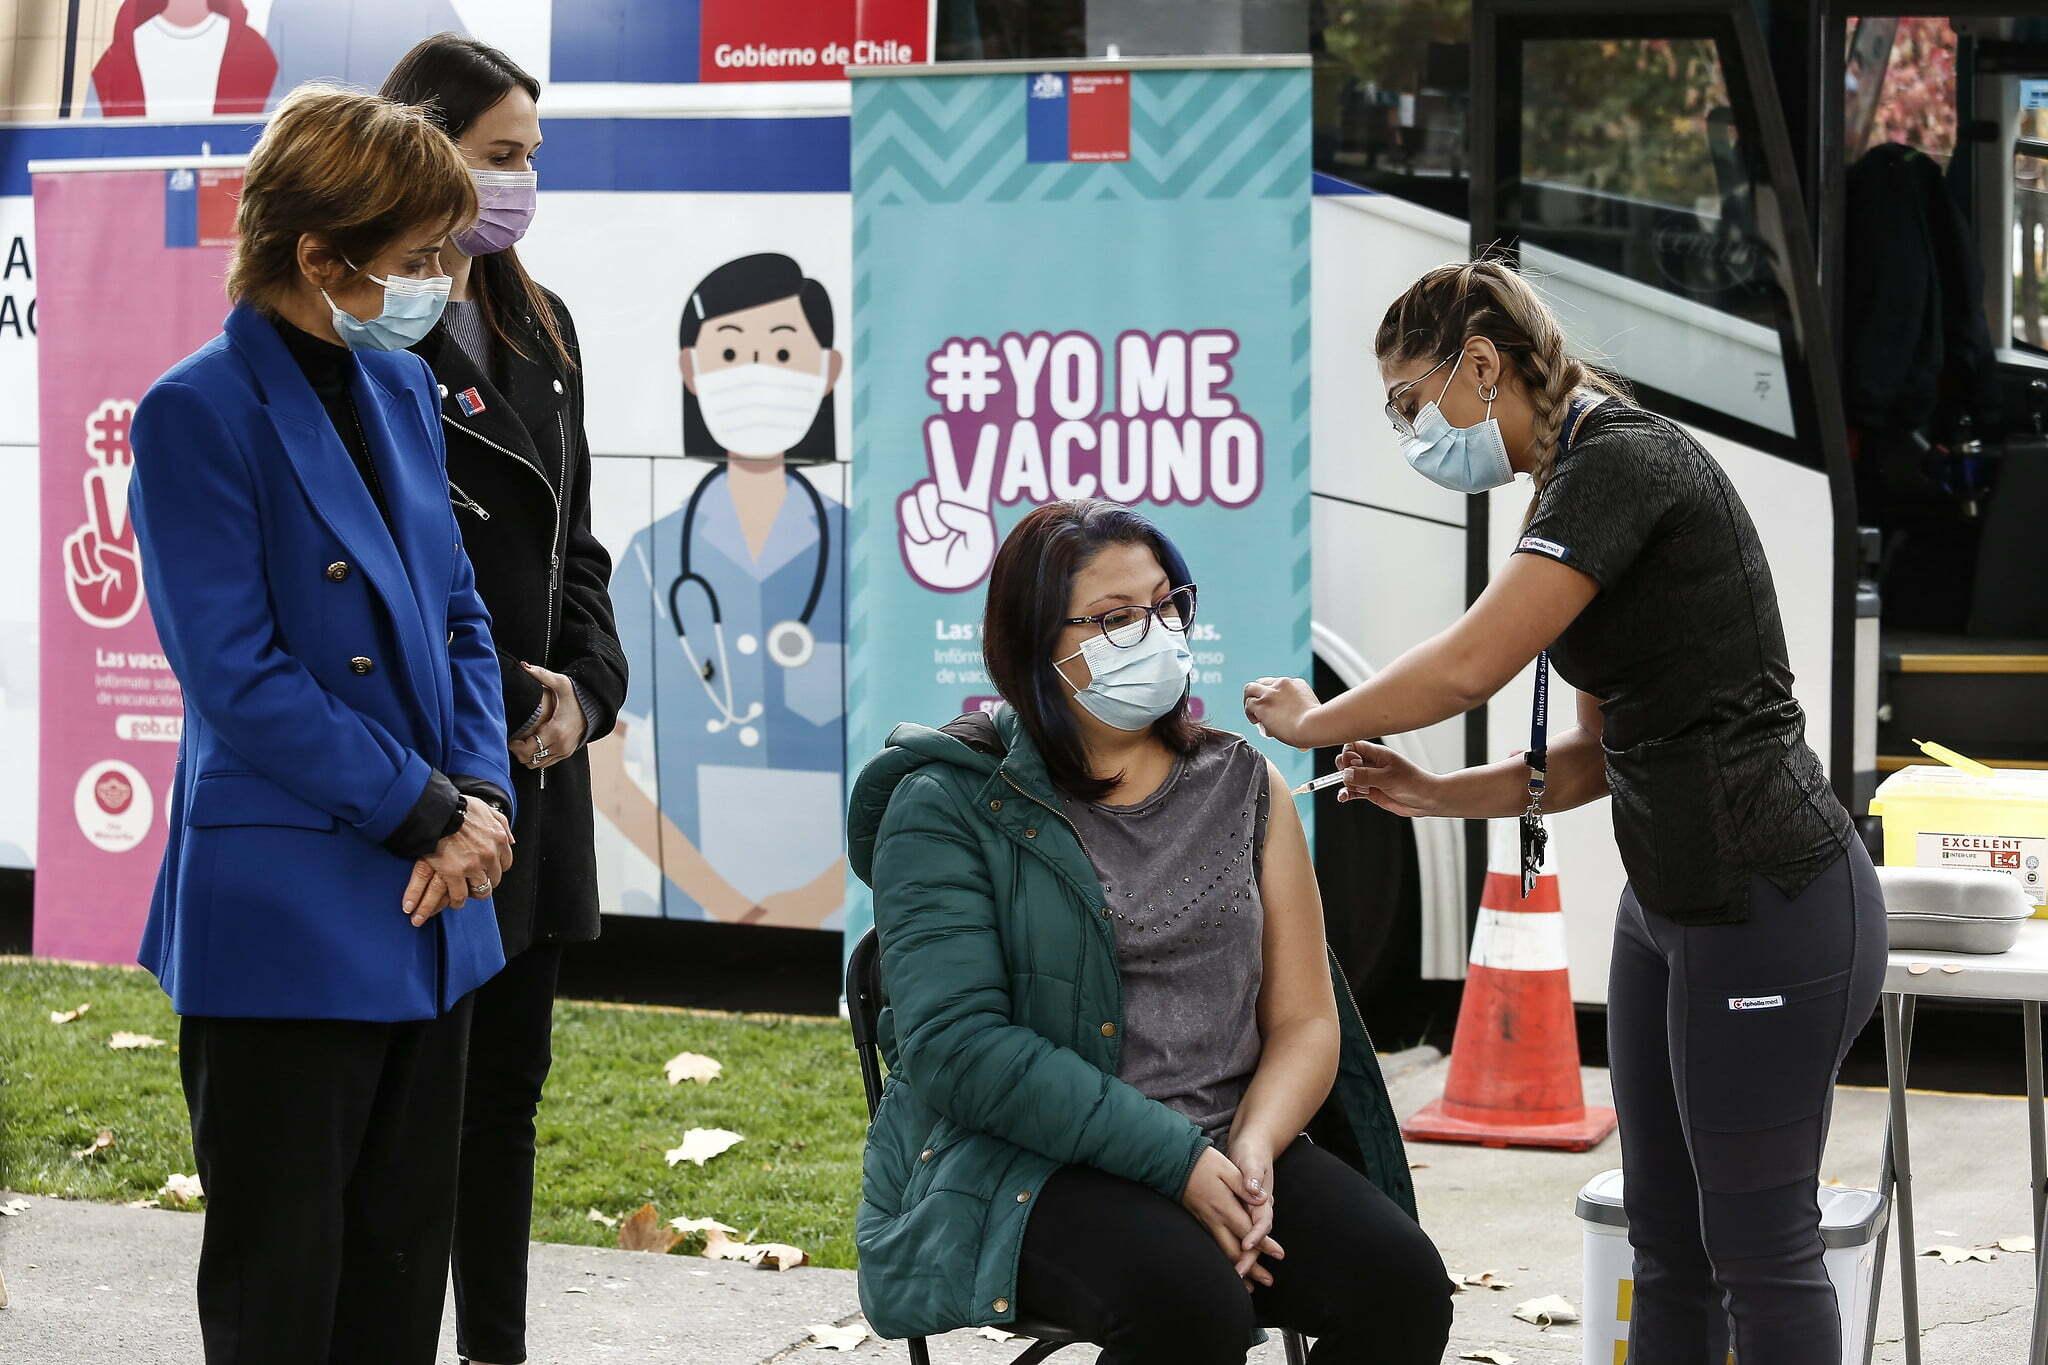 Vacunación QXoAIEQgO